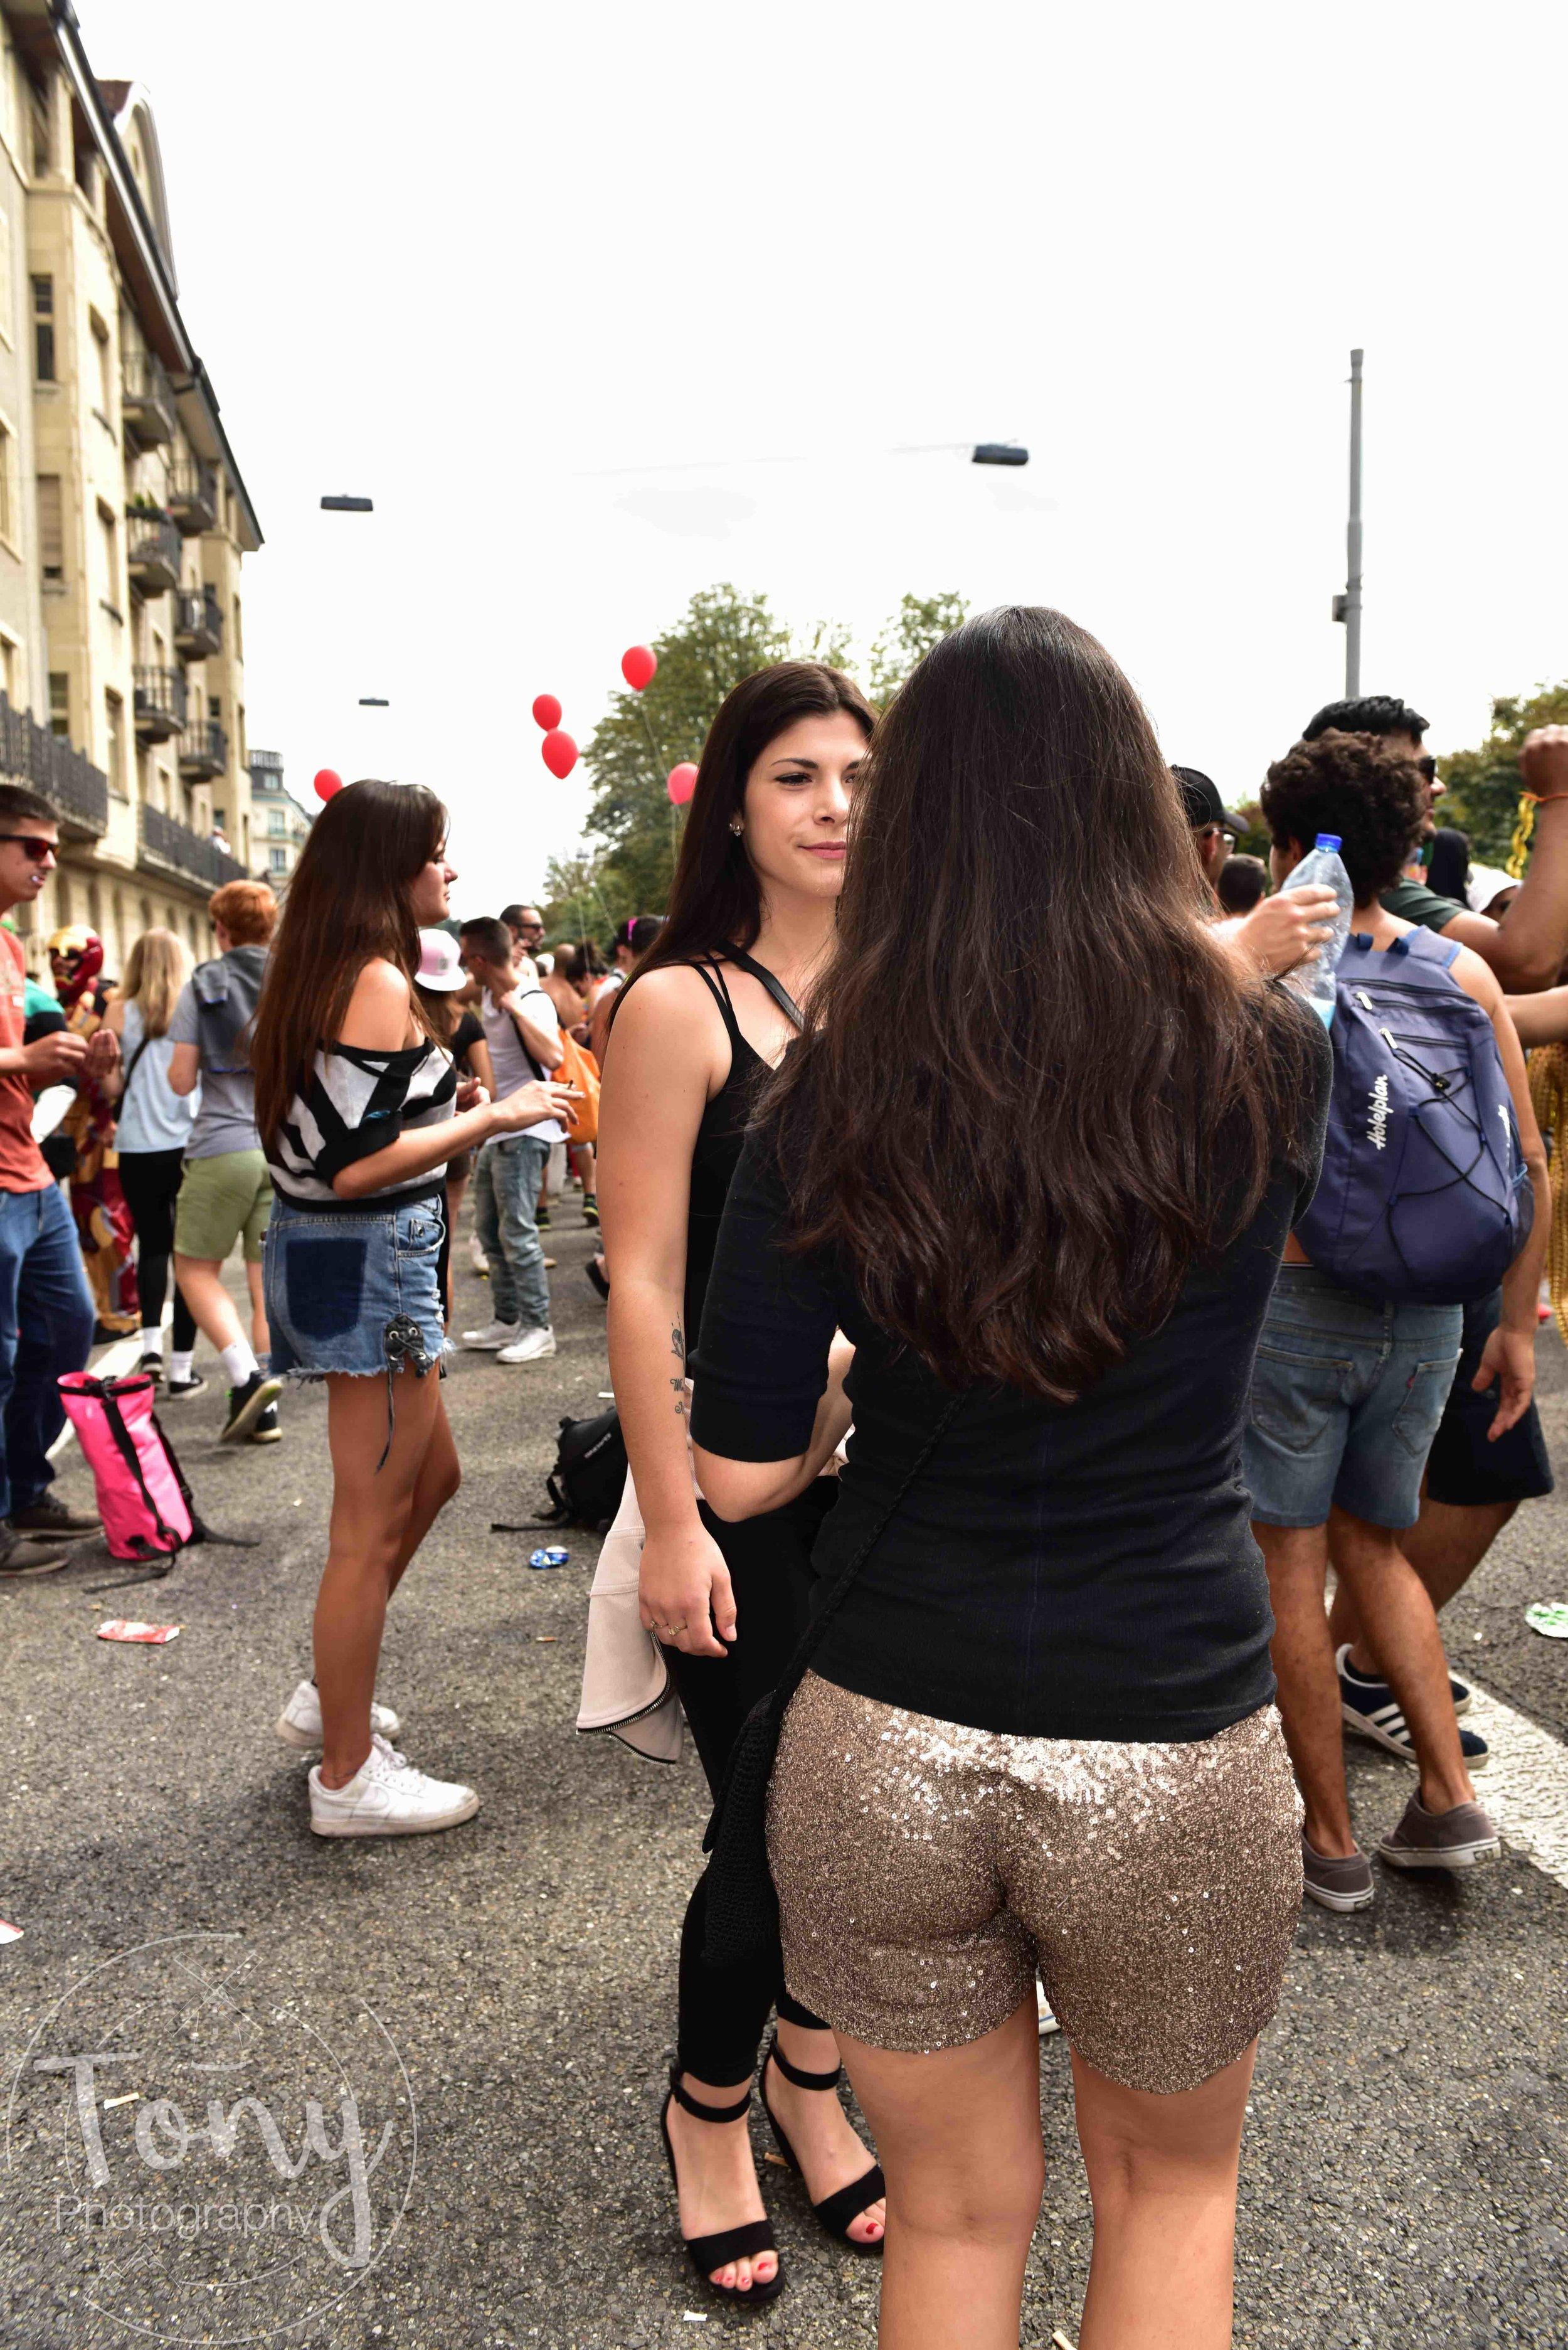 streetparade-119.jpg